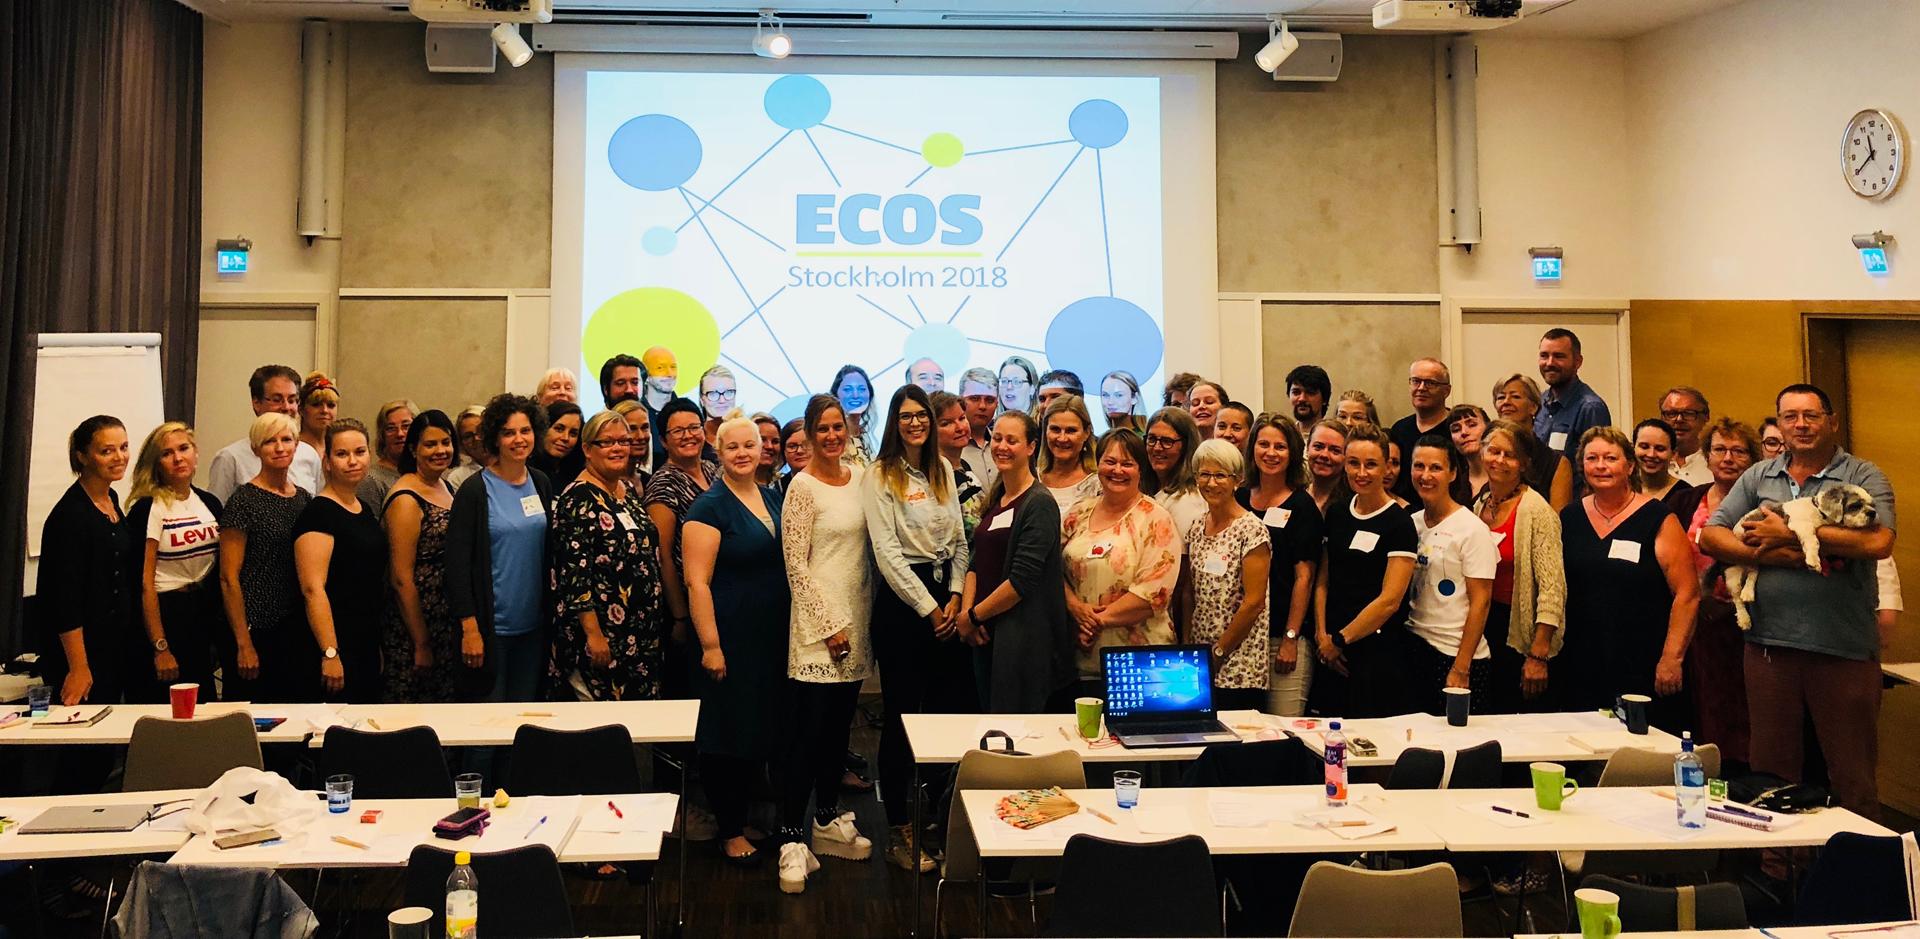 Gruppenbild Teilnehmerinnen und Teilnehmer von ECOS Stockholm 2018